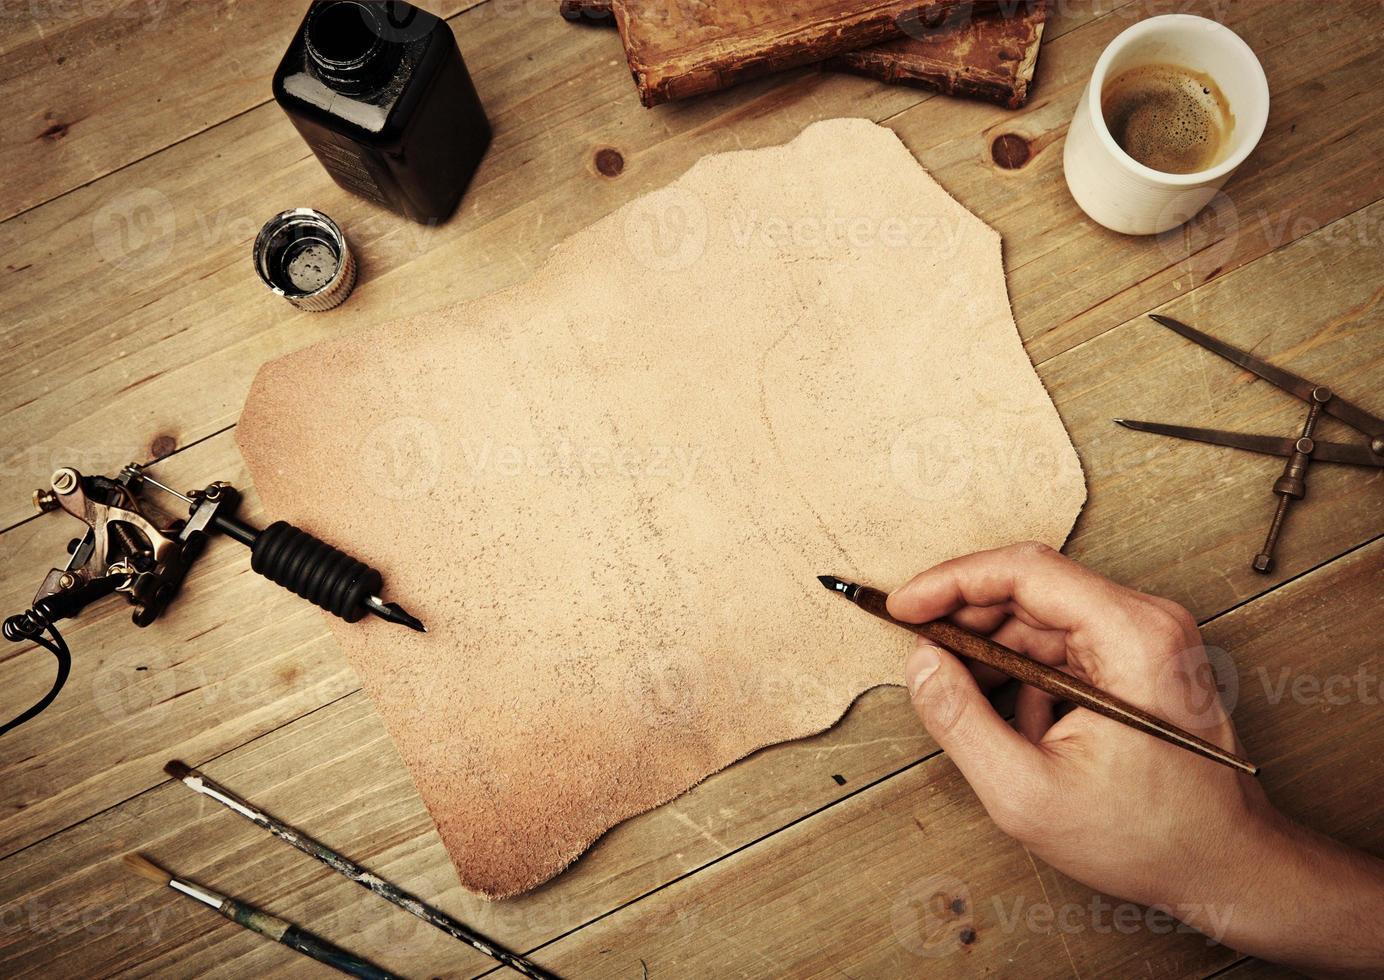 disegno a mano su un pezzo di pelle foto